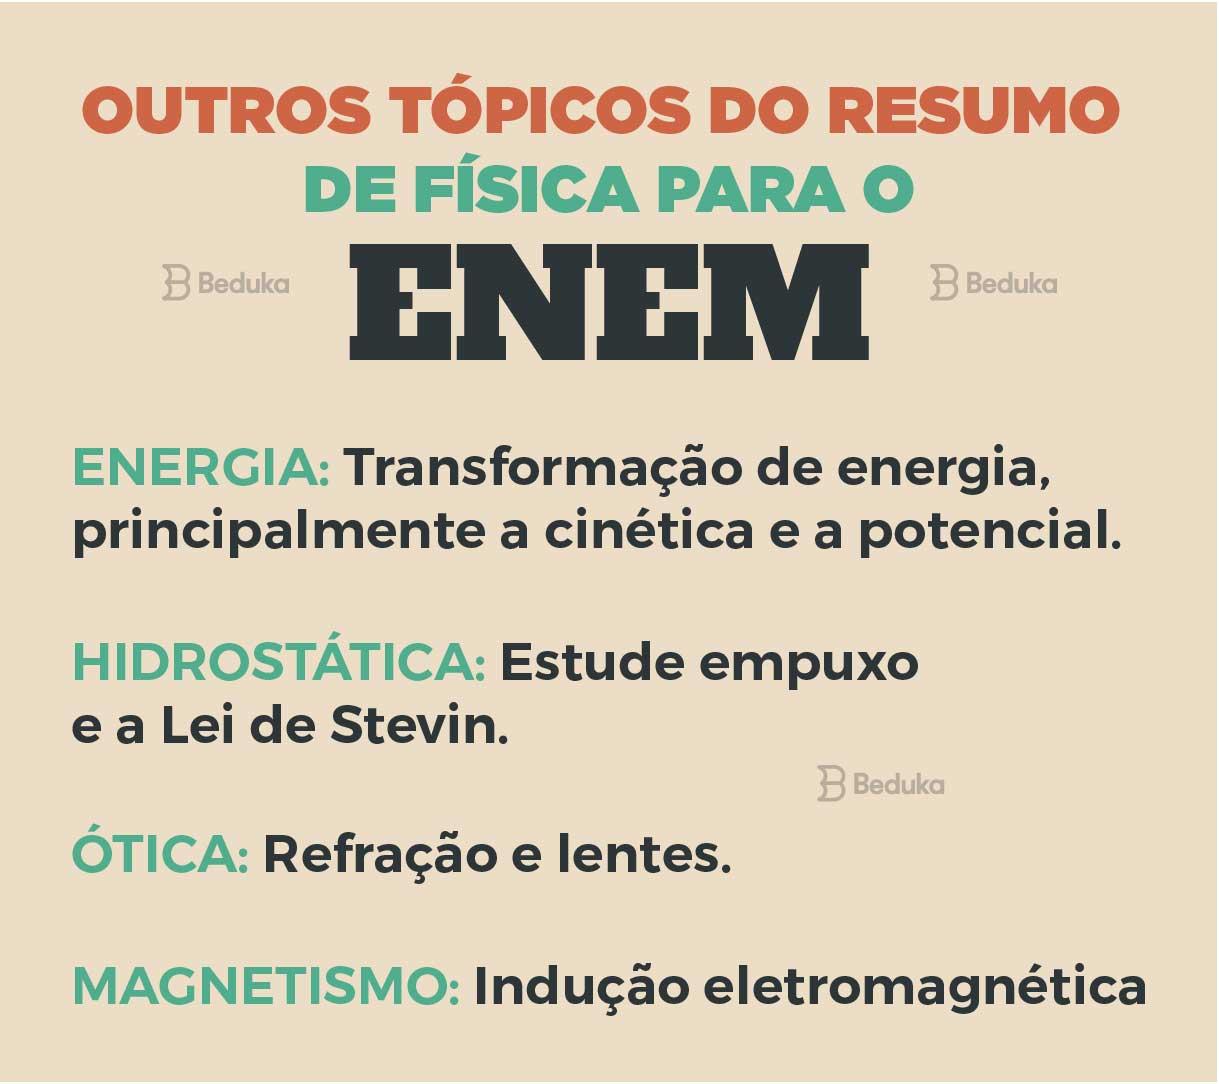 resumo de física para o enem, energia, hidrostática, óptica e magnetismo